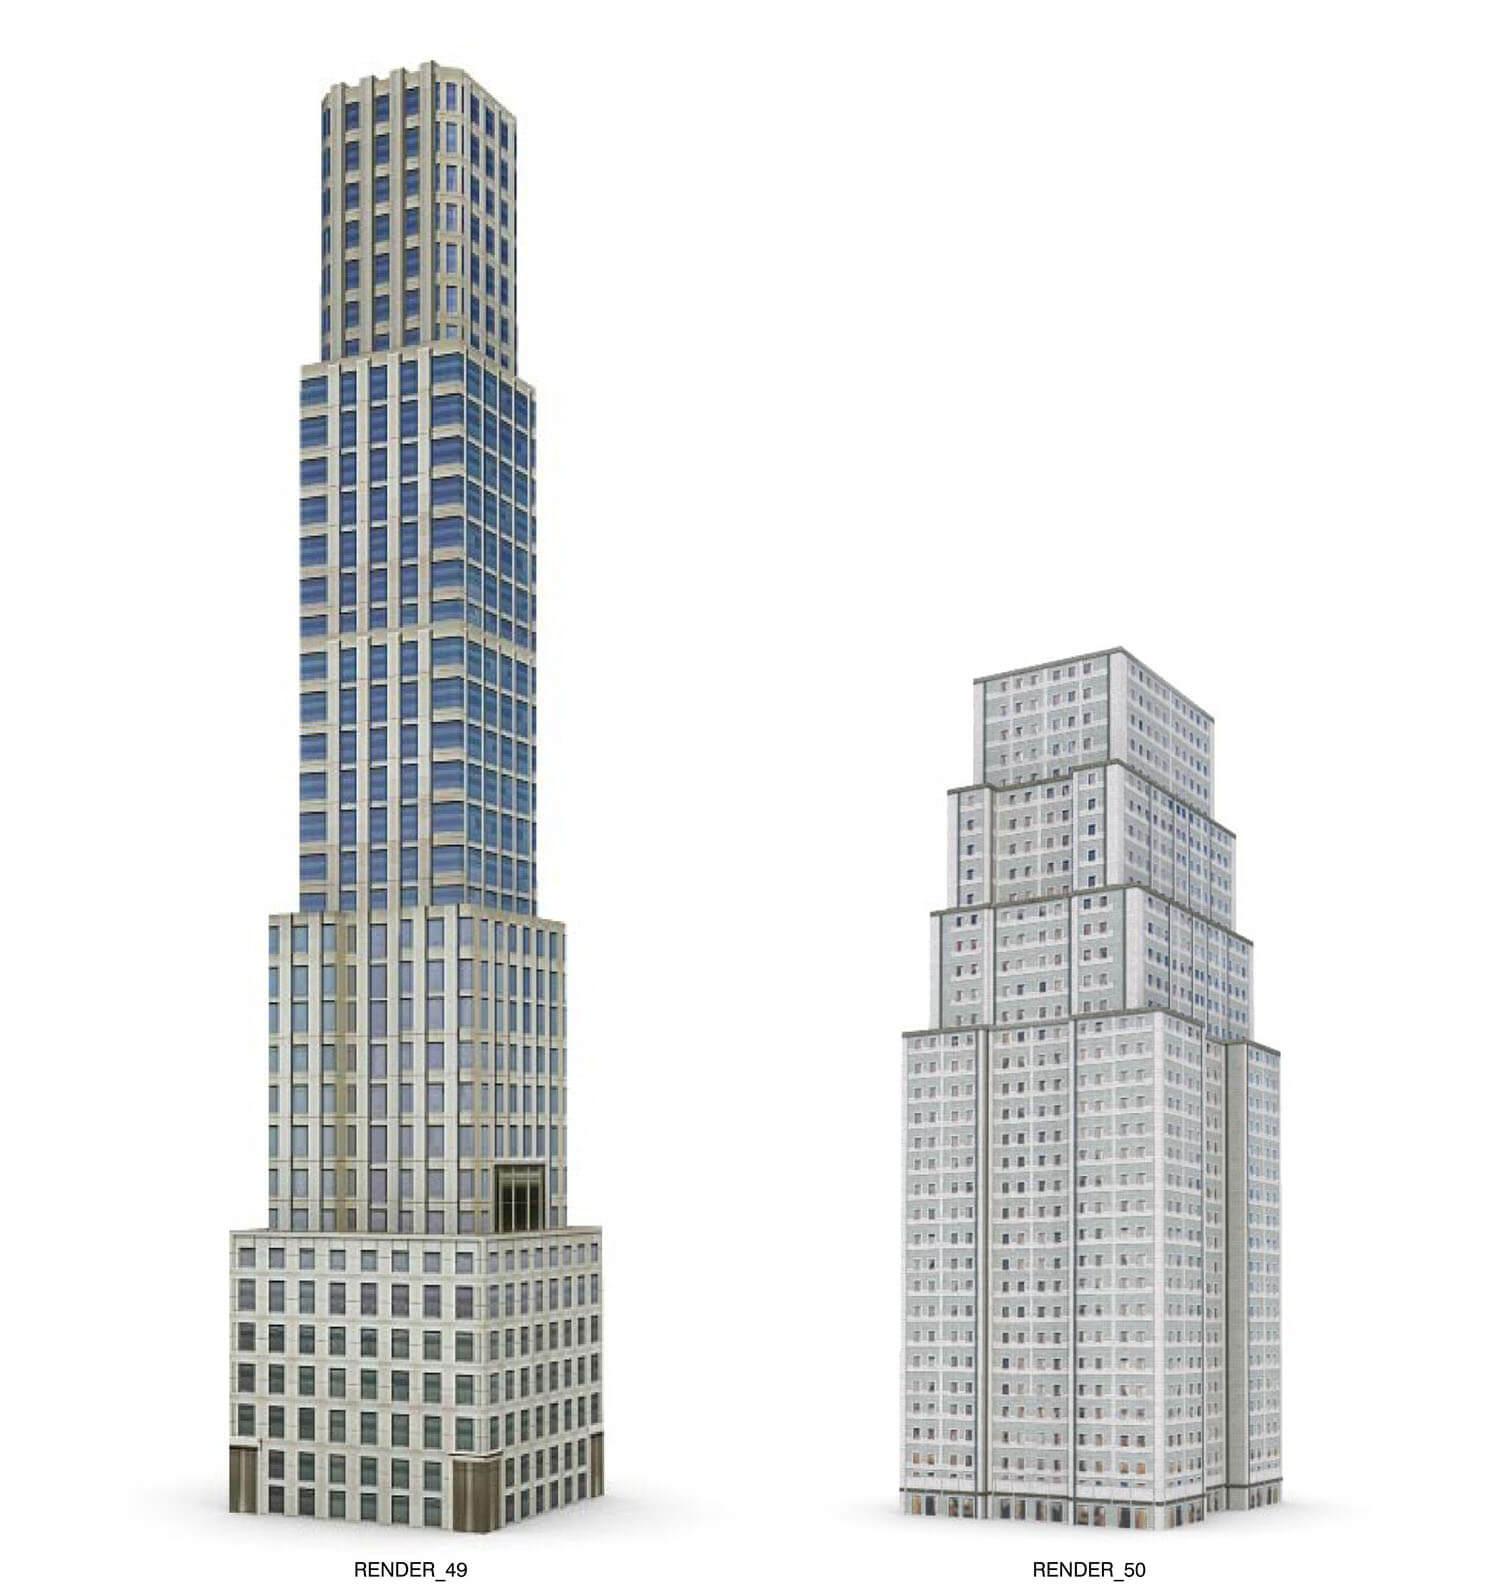 Nhà cao tầng của Mỹ bùng nổ sau khi phát minh ra thang máy